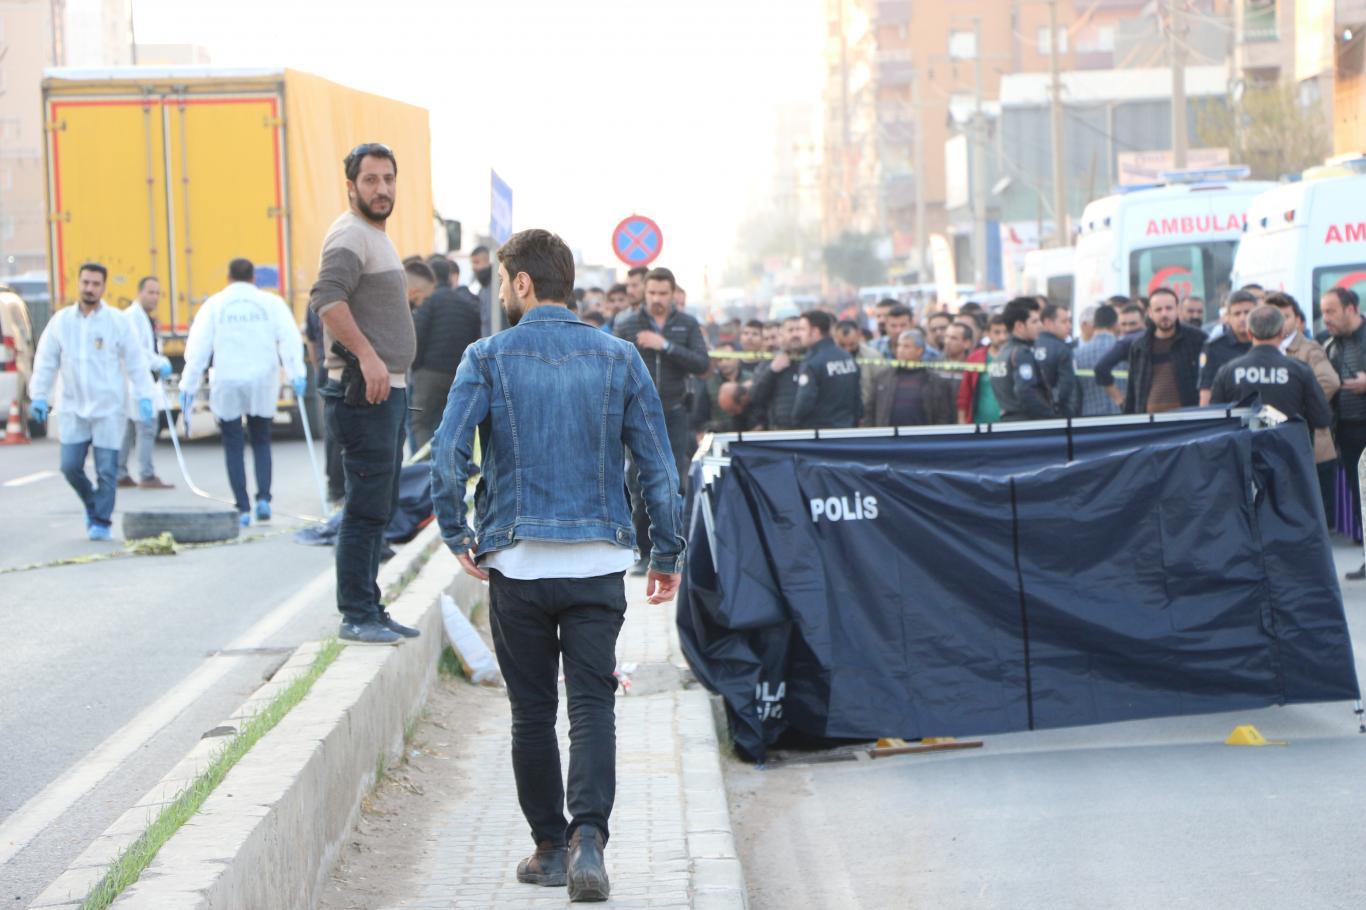 Kızıltepe'de çıkan silahlı kavgada 2 kardeş hayatını kaybetti